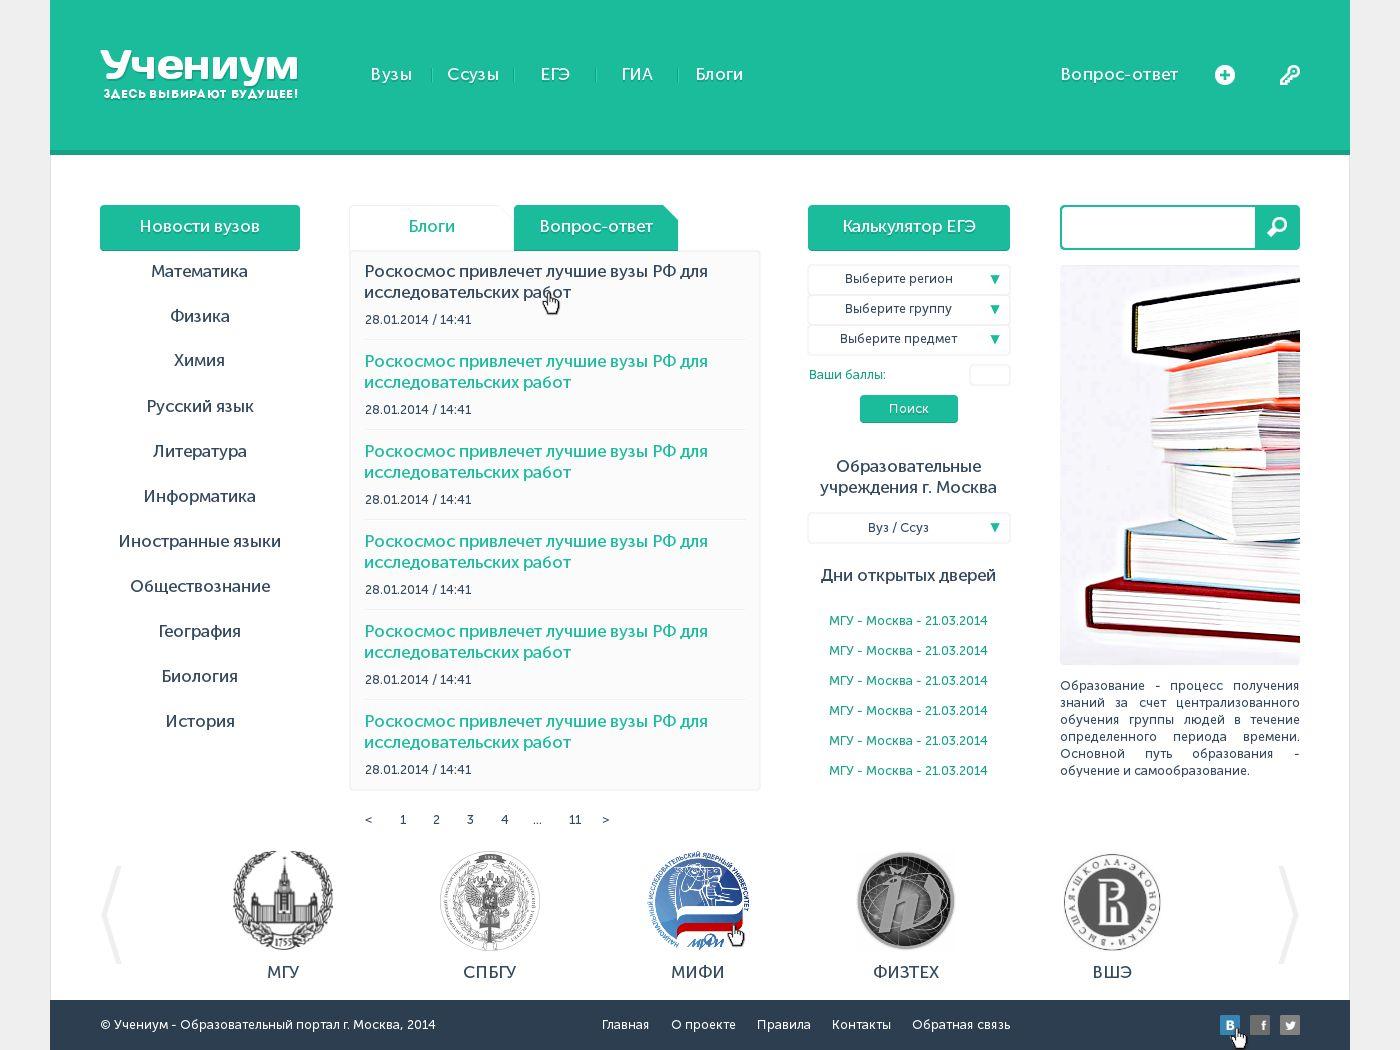 Дизайн для информационного сайта - дизайнер funk-liquid